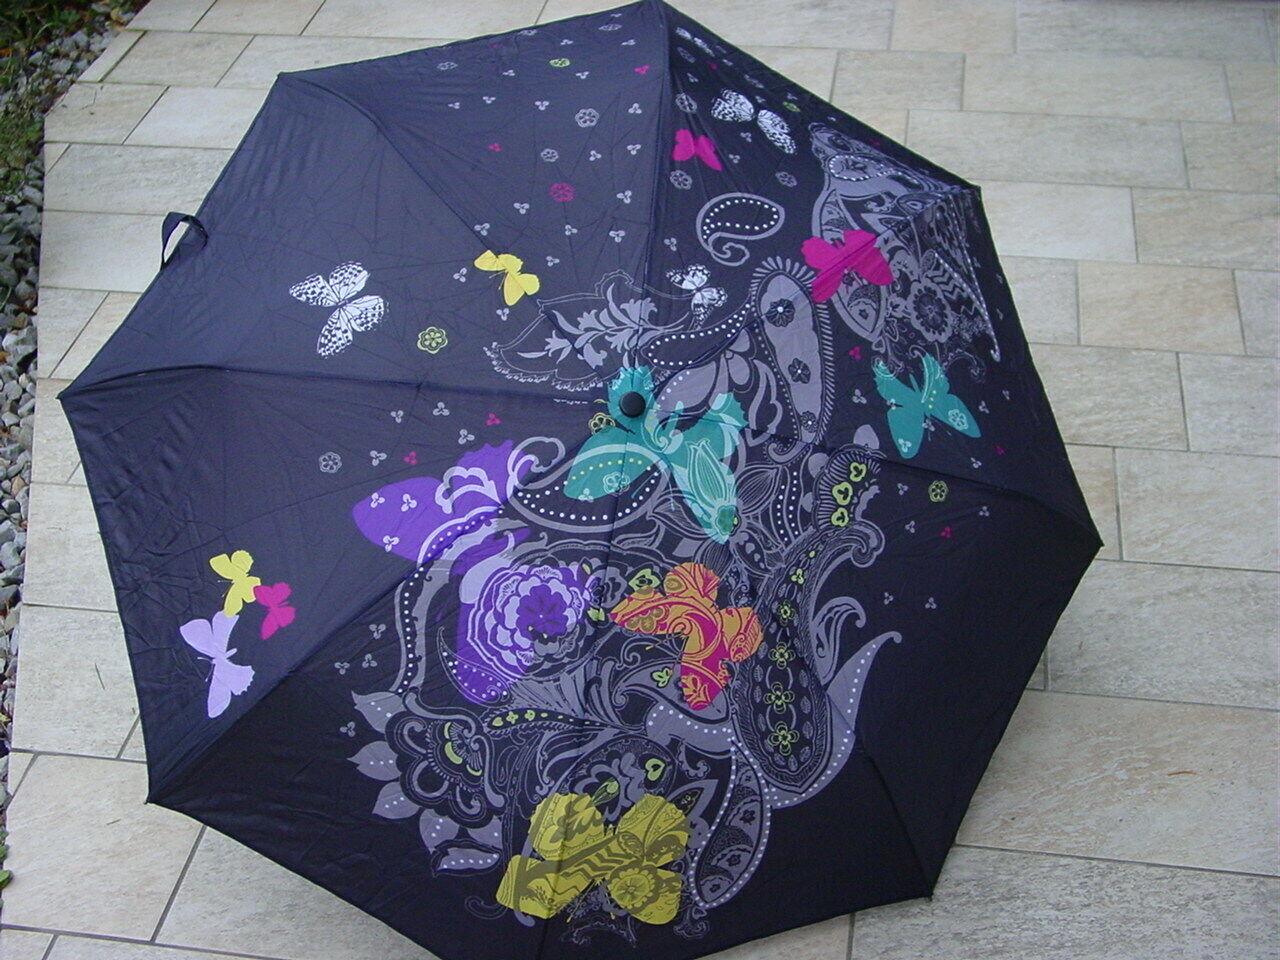 Parapluie neuf pliant à ramages esprit